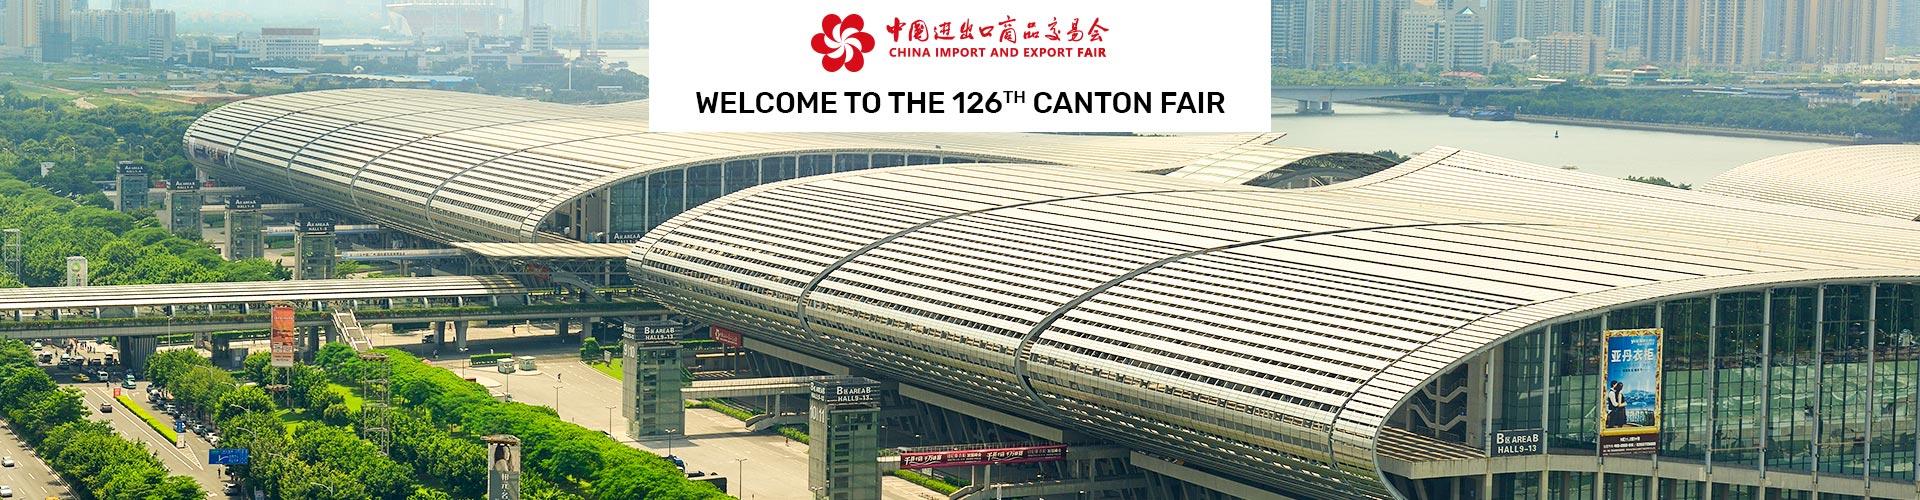 Canton Fair 2019 - Guangzhou, China